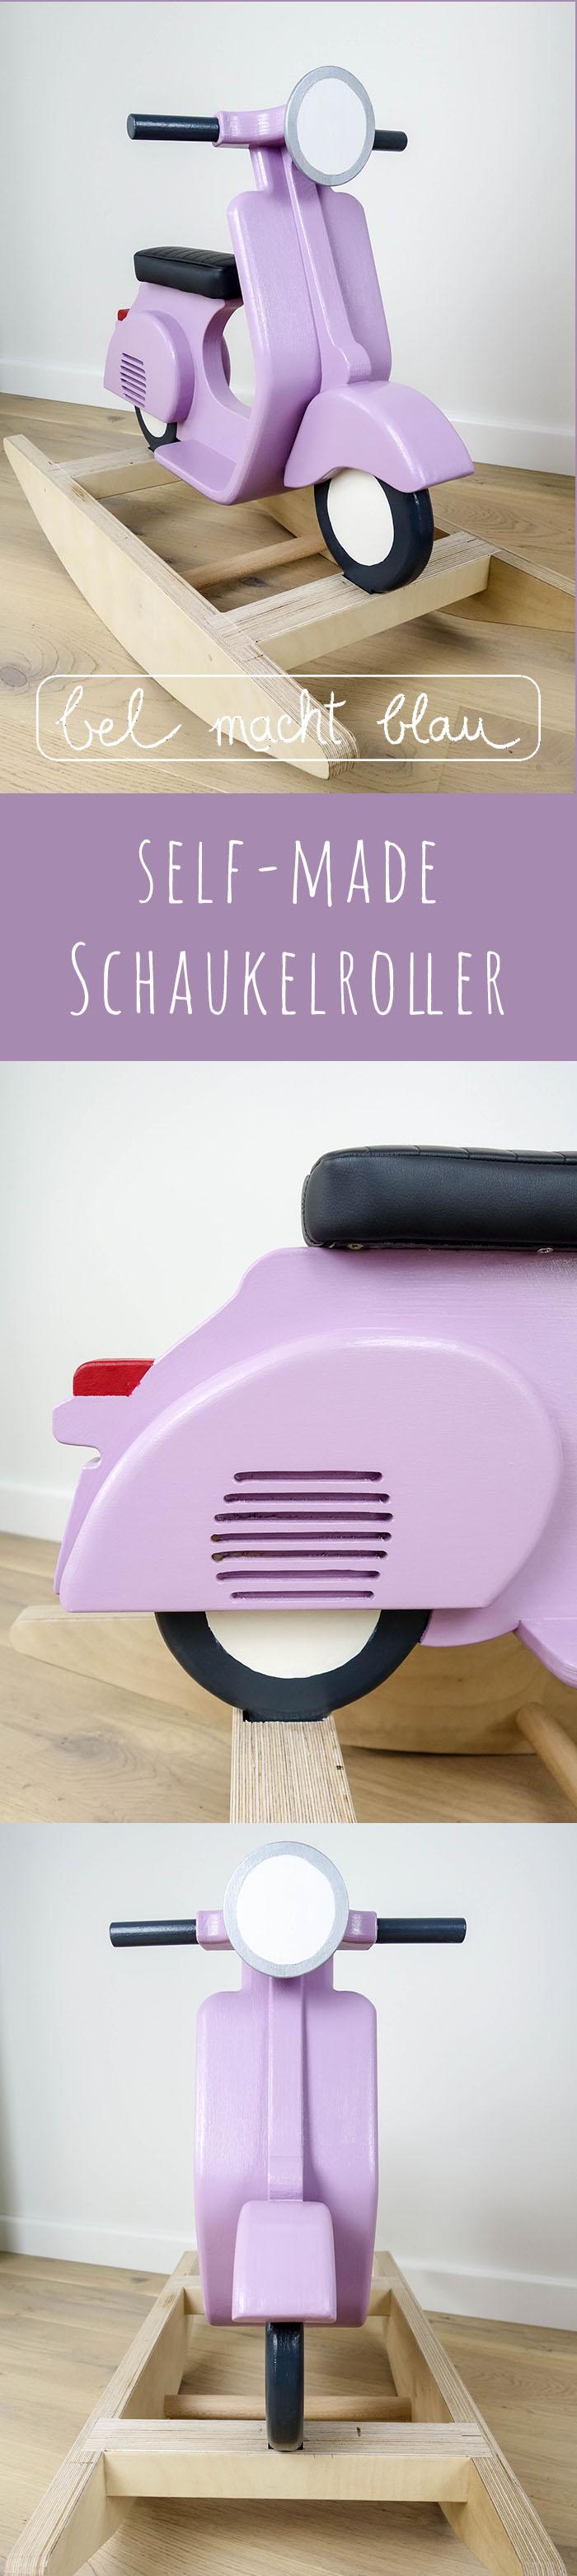 self-made Schaukelroller // ein selbstgebauter Schaukelroller zum 1. Geburtstag